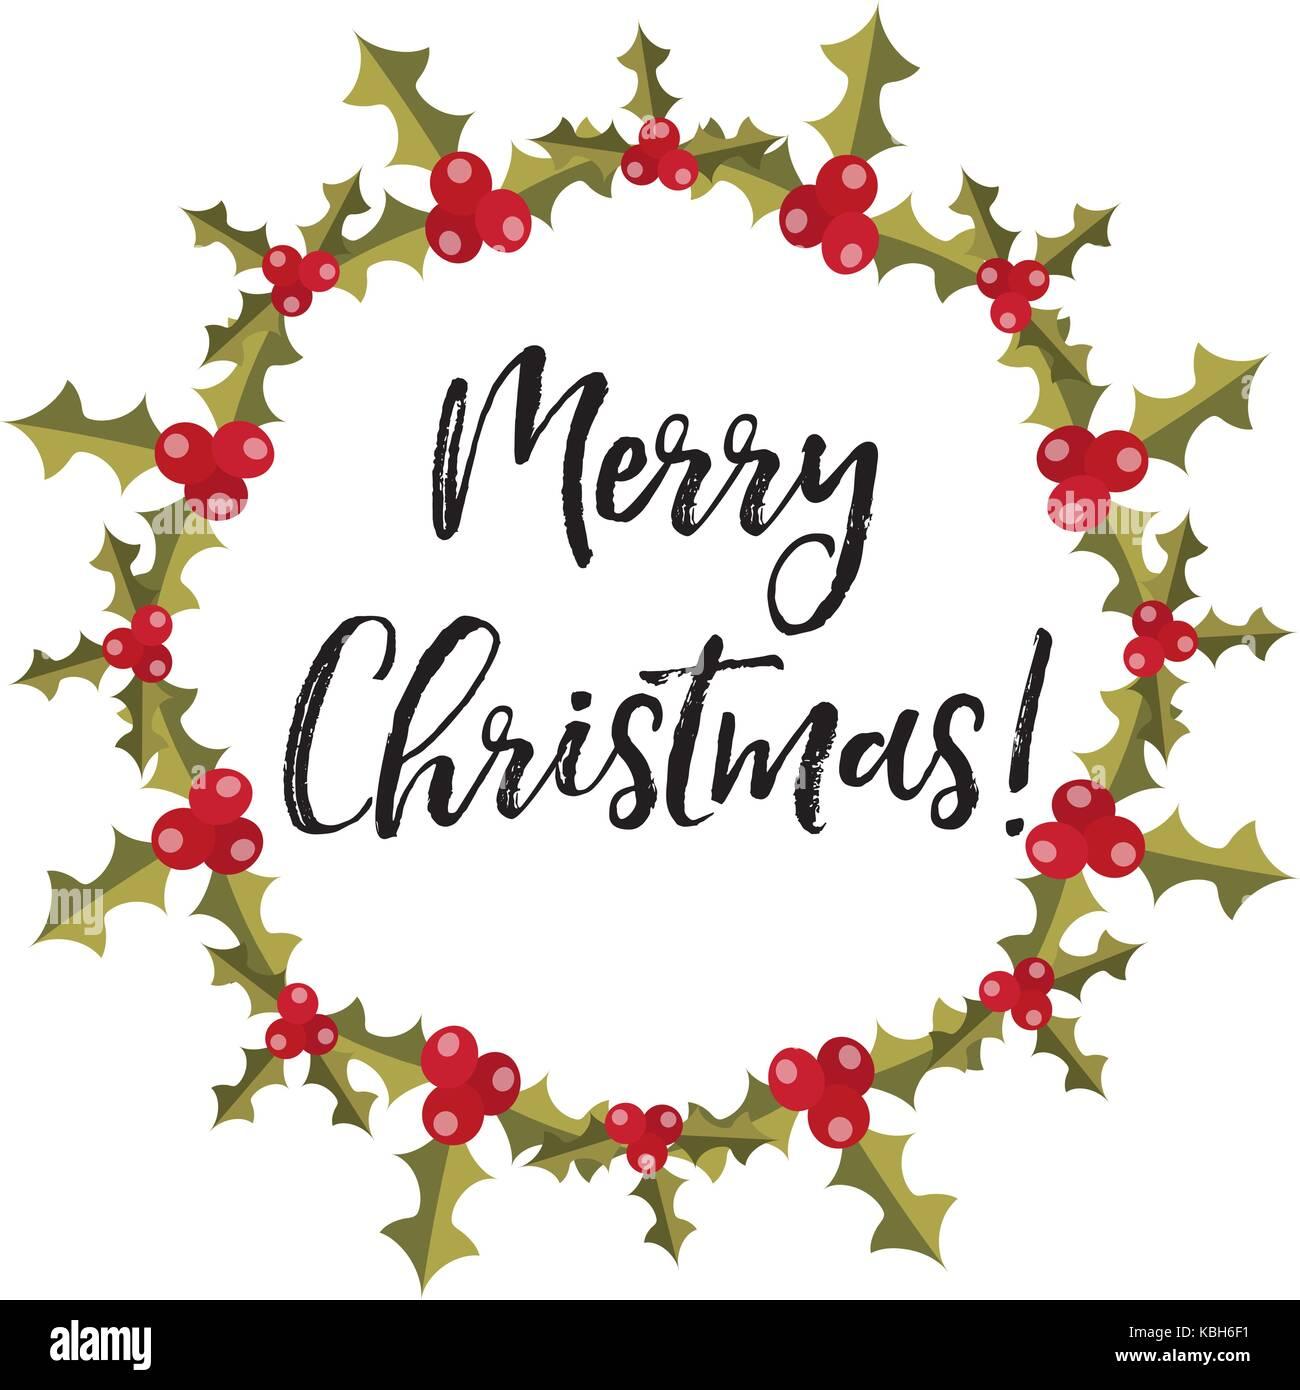 Frohe Weihnachten Rahmen.Frohe Weihnachten Rahmen Für Text Mit Holly Kranz Vorlage Für Ihr